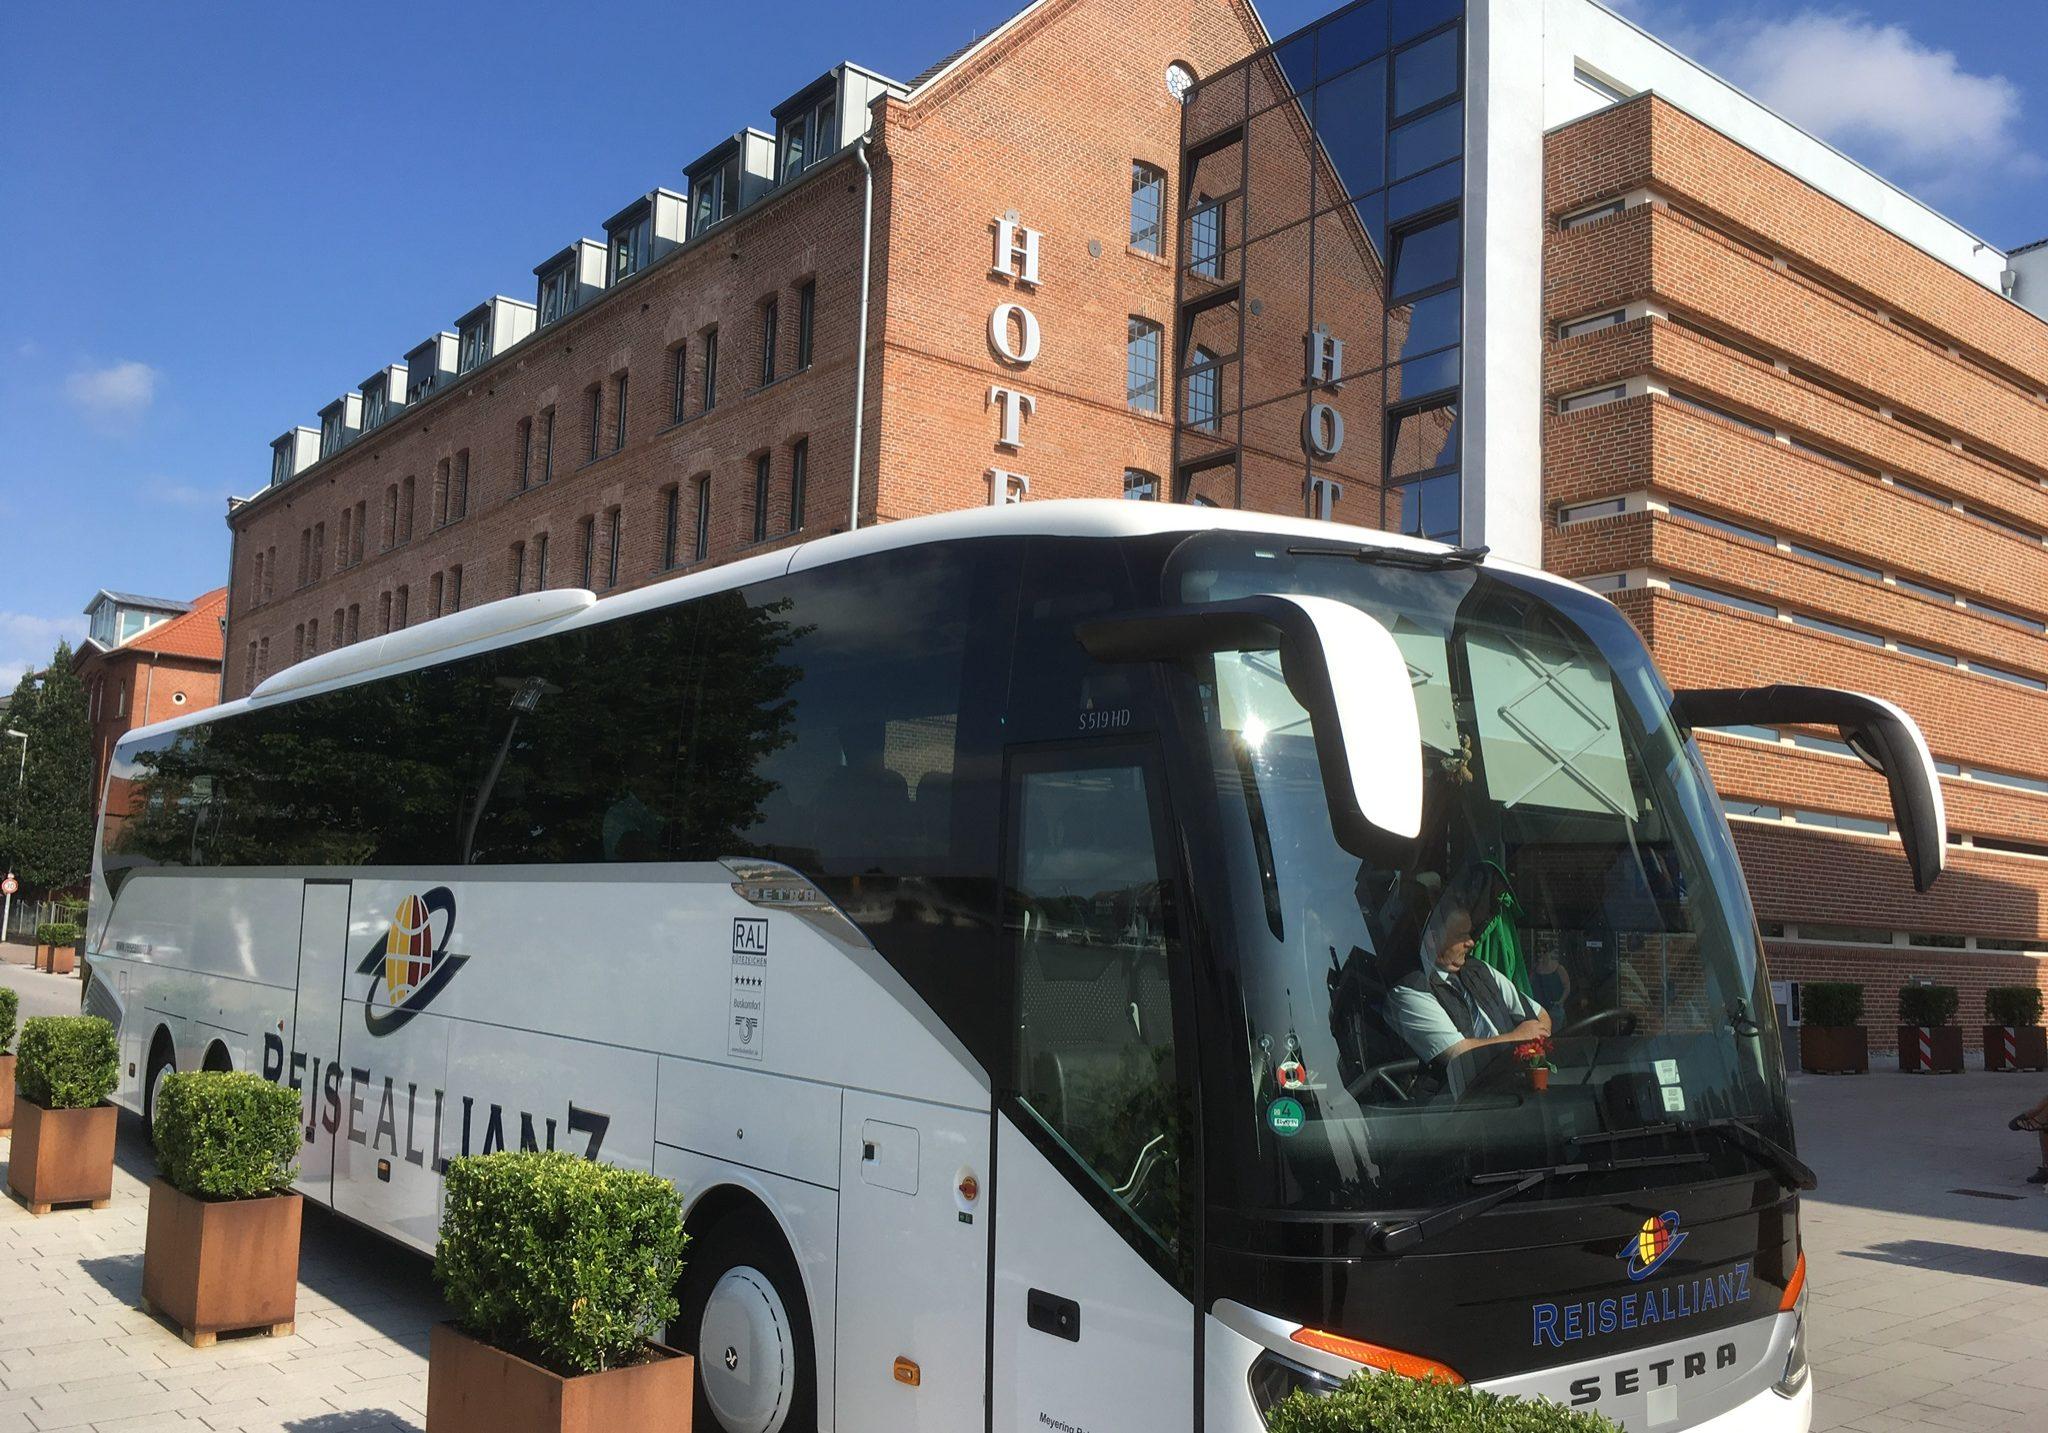 Reiseallianz vor Hotel